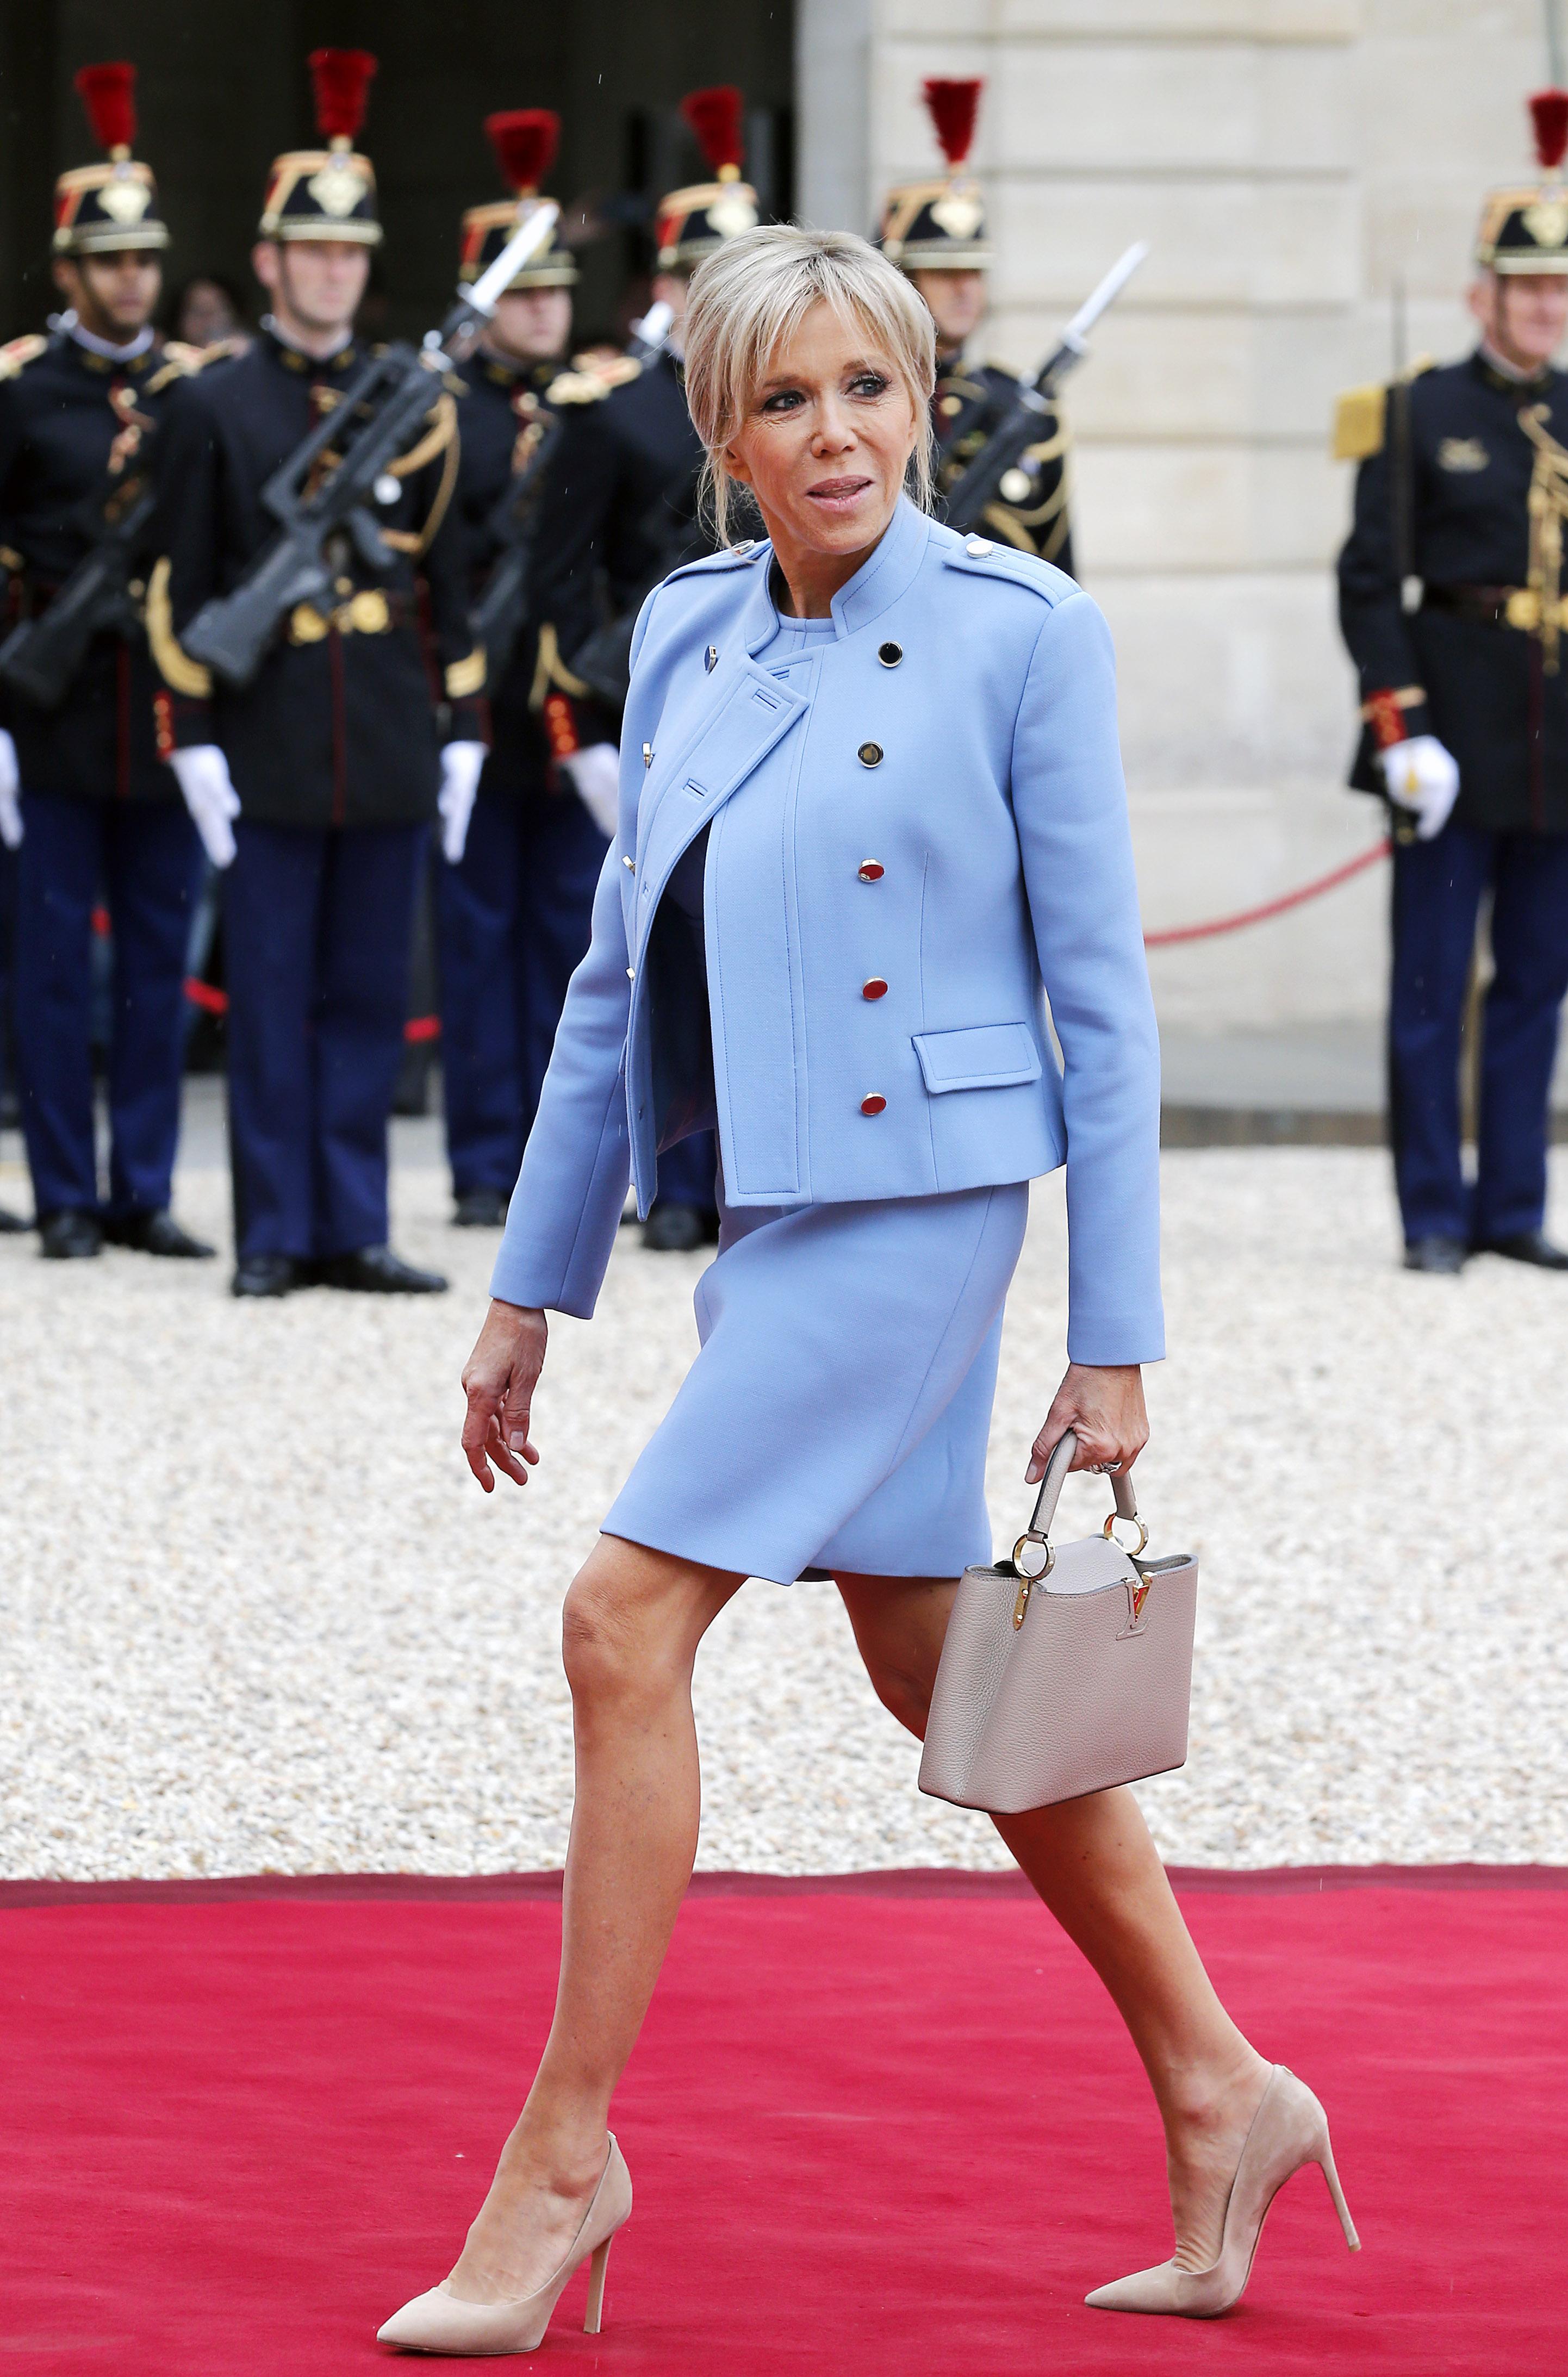 프랑스 최연소 대통령 마크롱의 24세 연상 아내, 브리짓 트로뉴의 패션은?